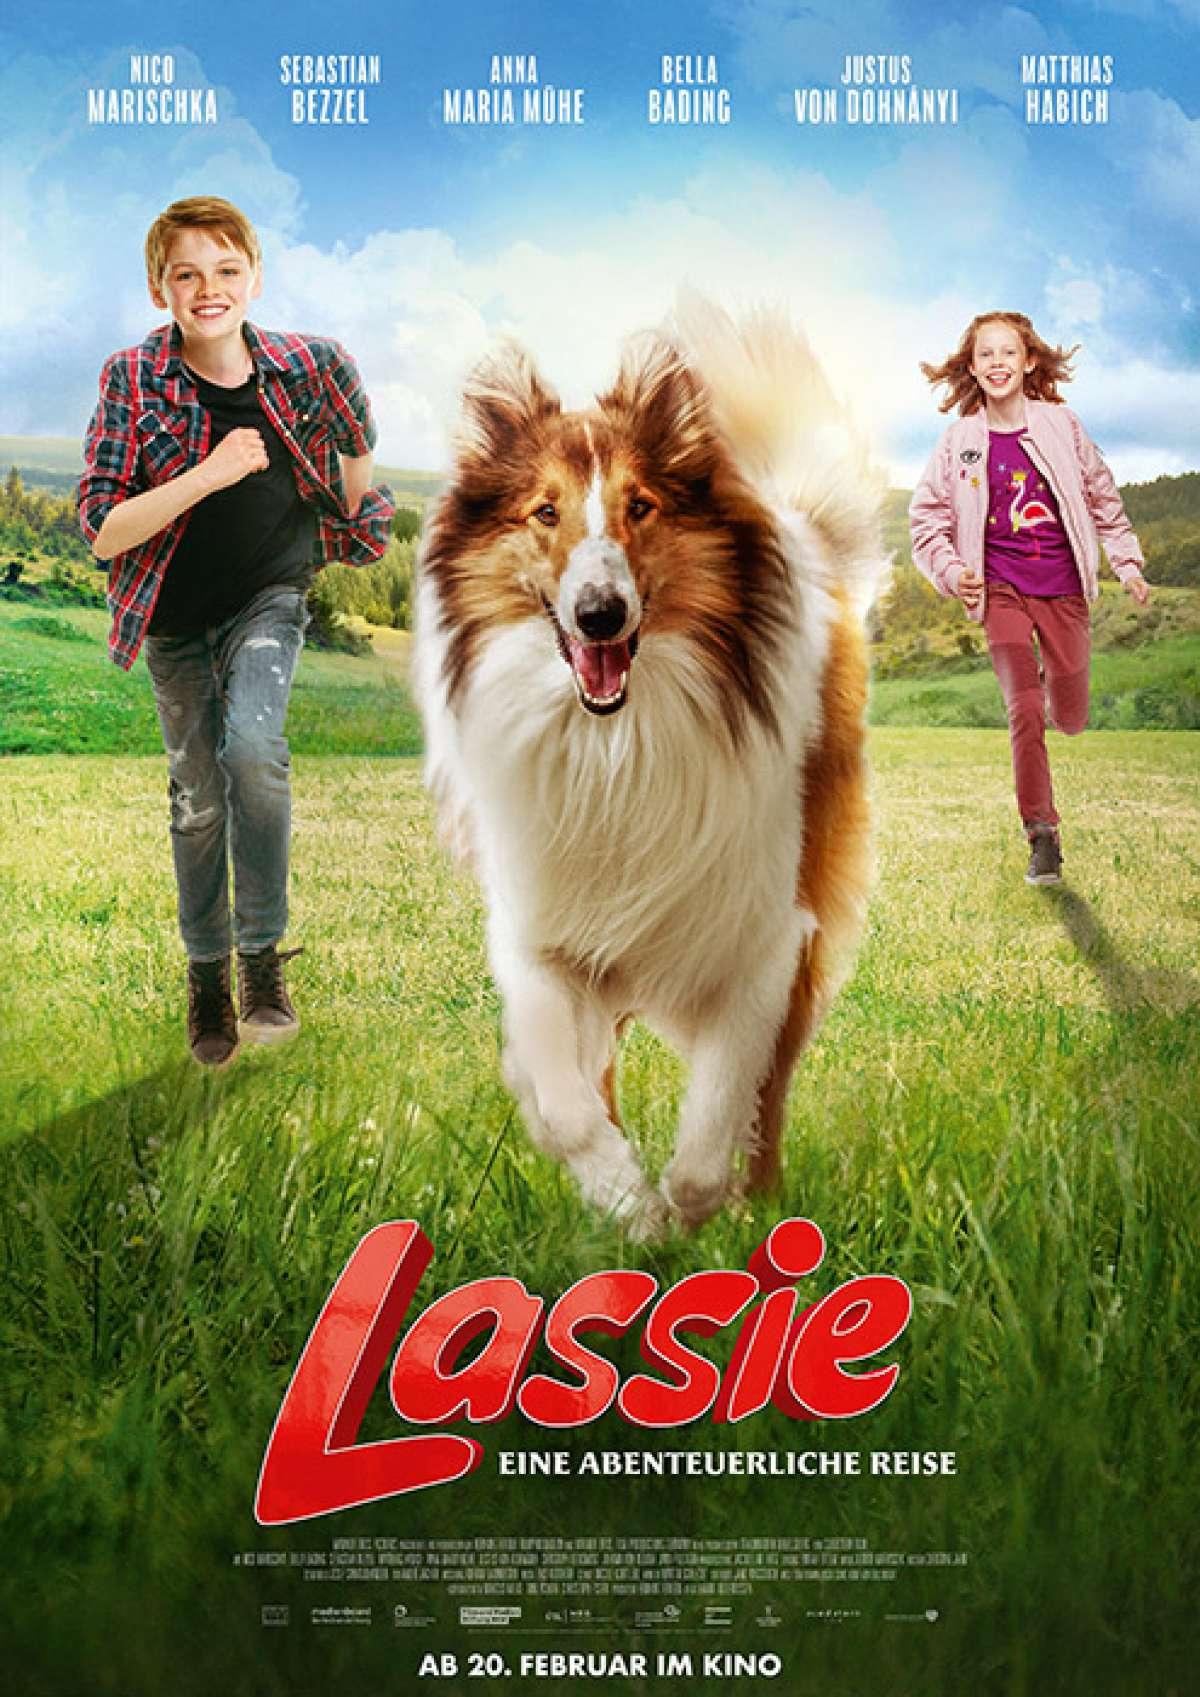 Lassie - Eine abenteuerliche Reise - Kino  - Bad Driburg